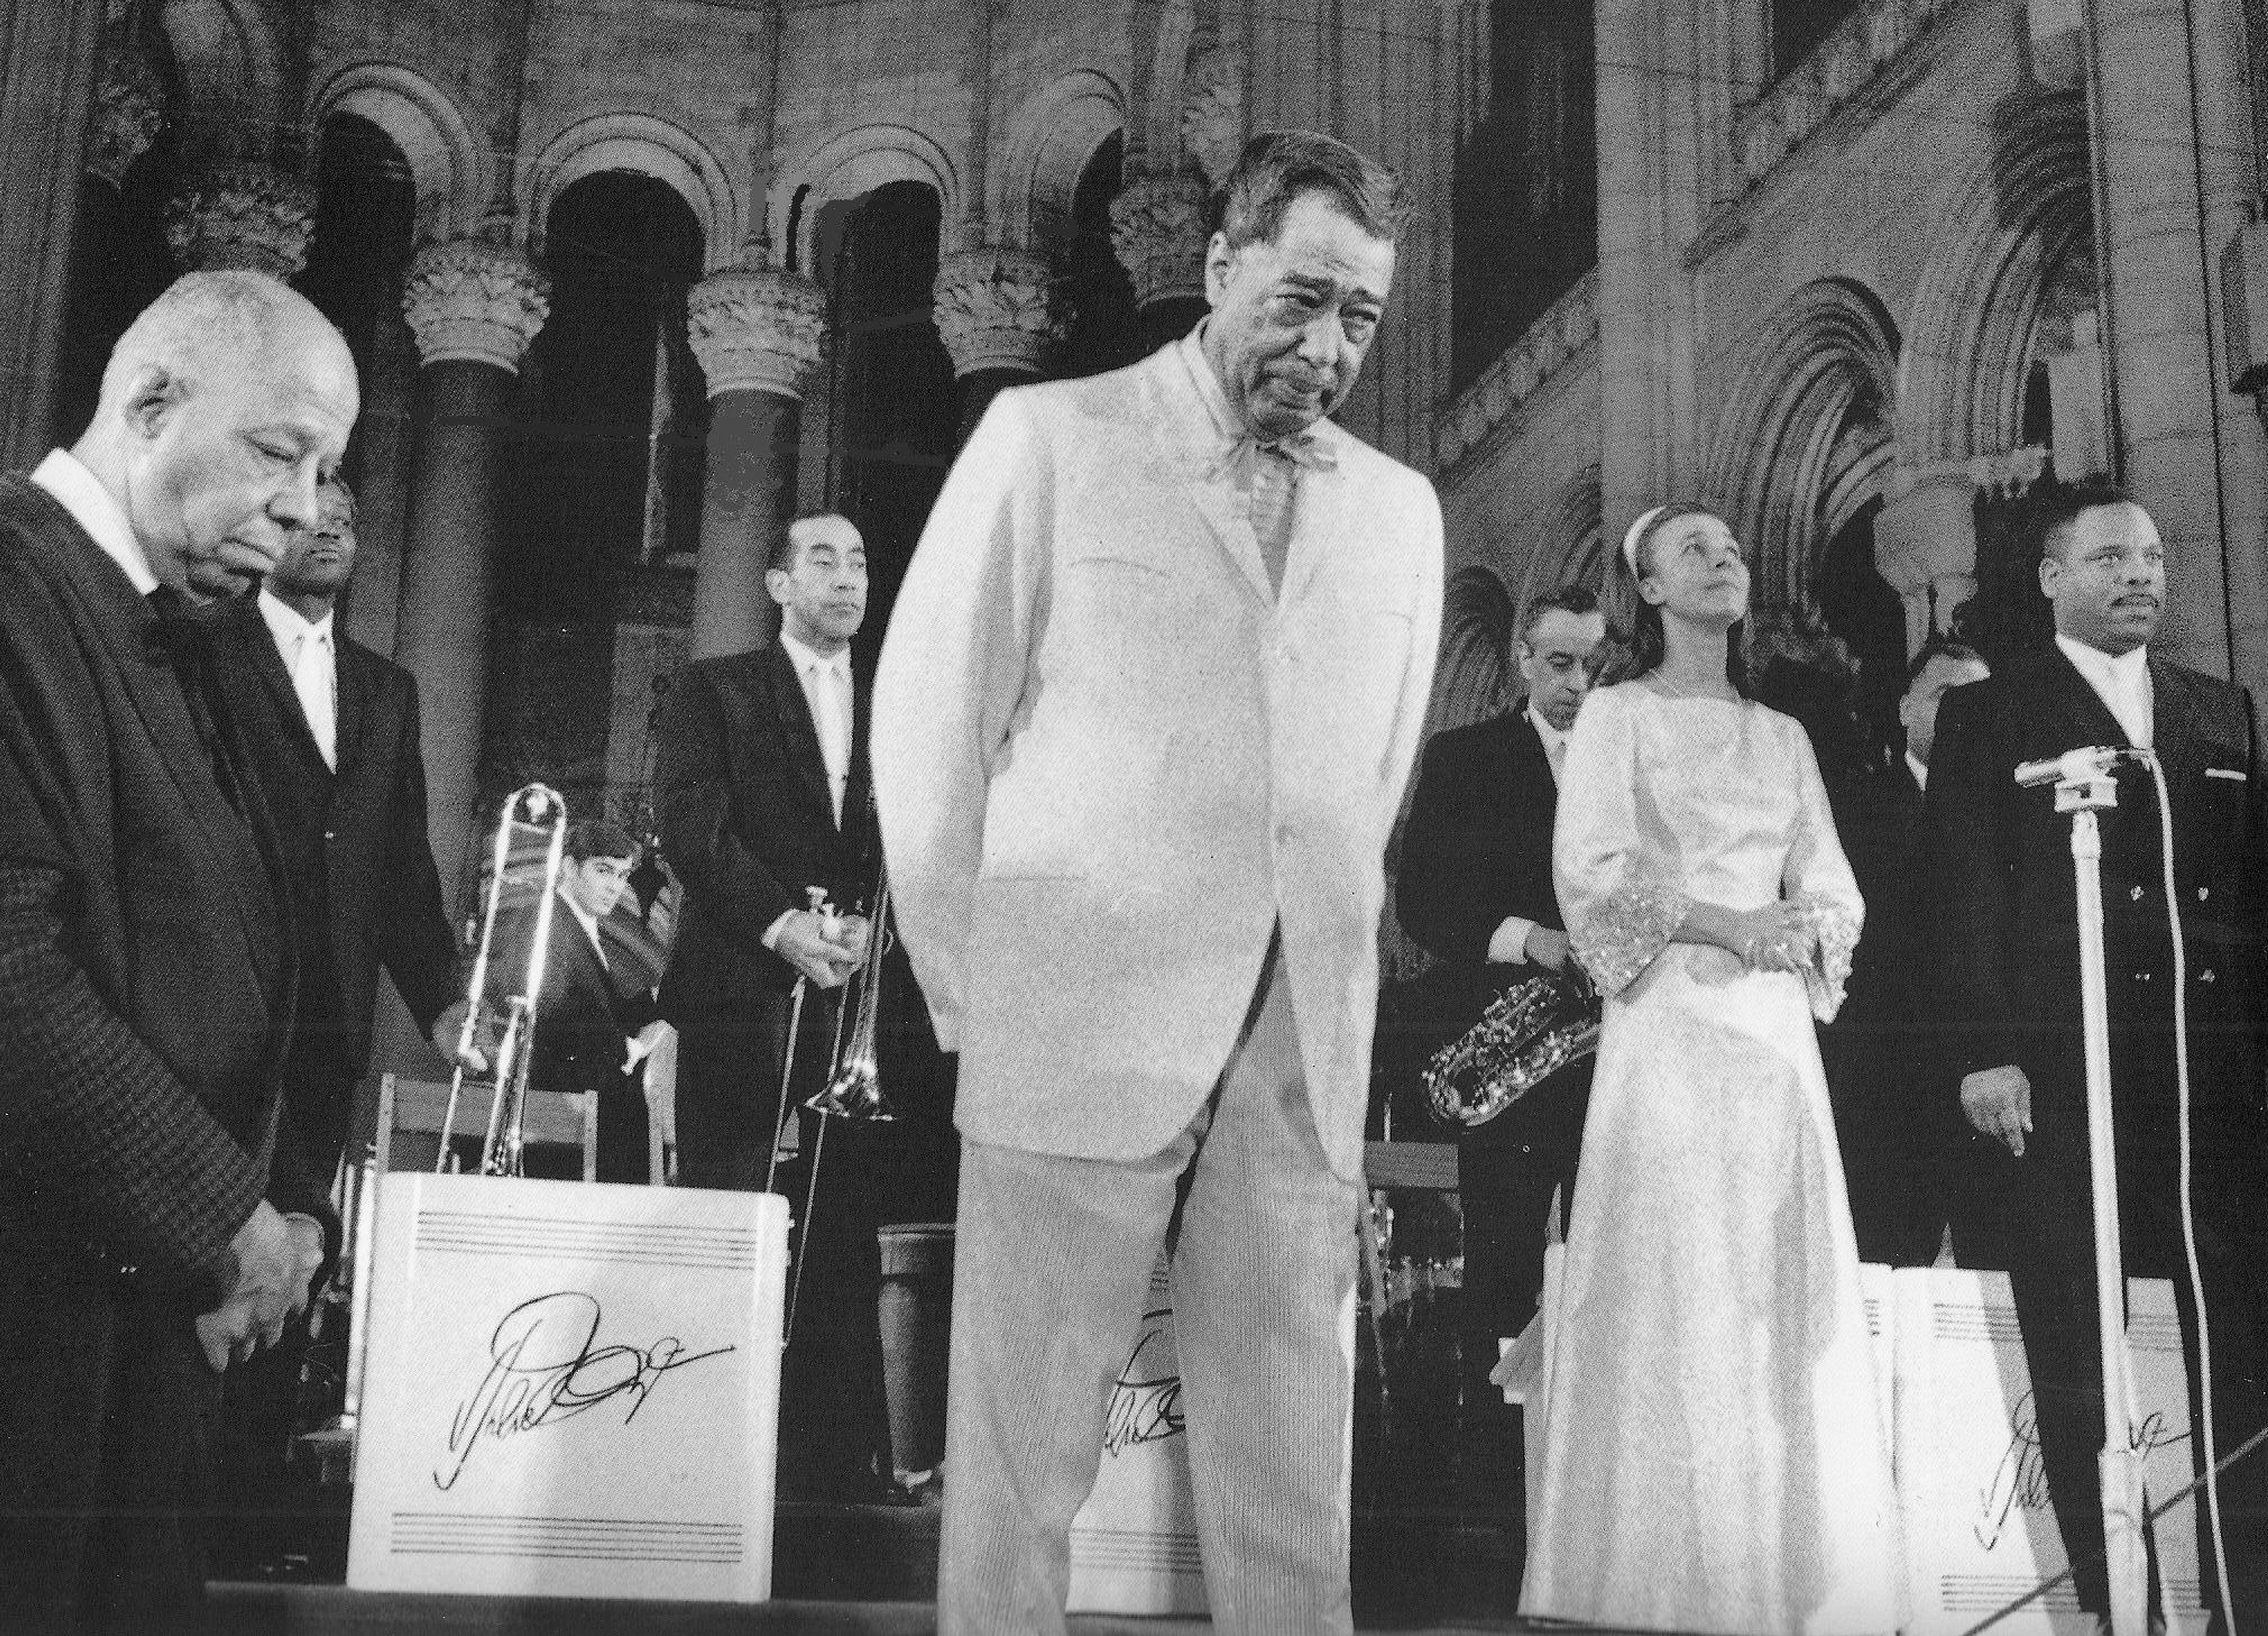 p.304, Deuxième Concert de Musique Sacrée: Tom Whaley, Lawrence Brown, Duke, Alice Babs et Jimmy McPhail, cathédrale St John The Divine, 19 janvier 1968, X, Coll. Claude Carrière